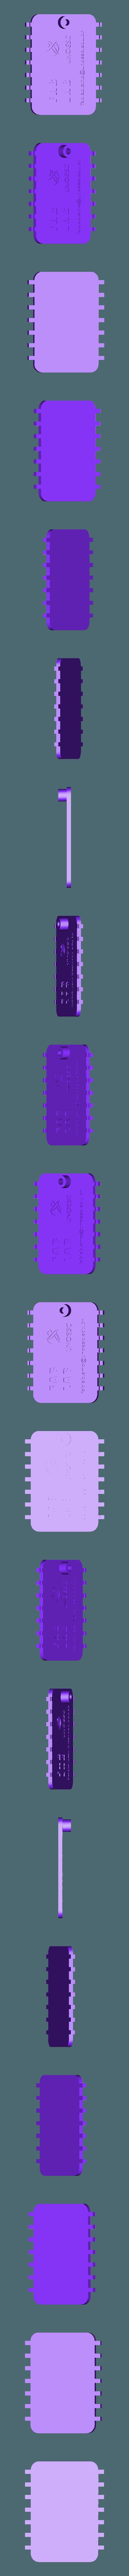 base.STL Download free STL file Microscope cell support - Suporte de celular para microscópio • 3D printer template, fabiomingori